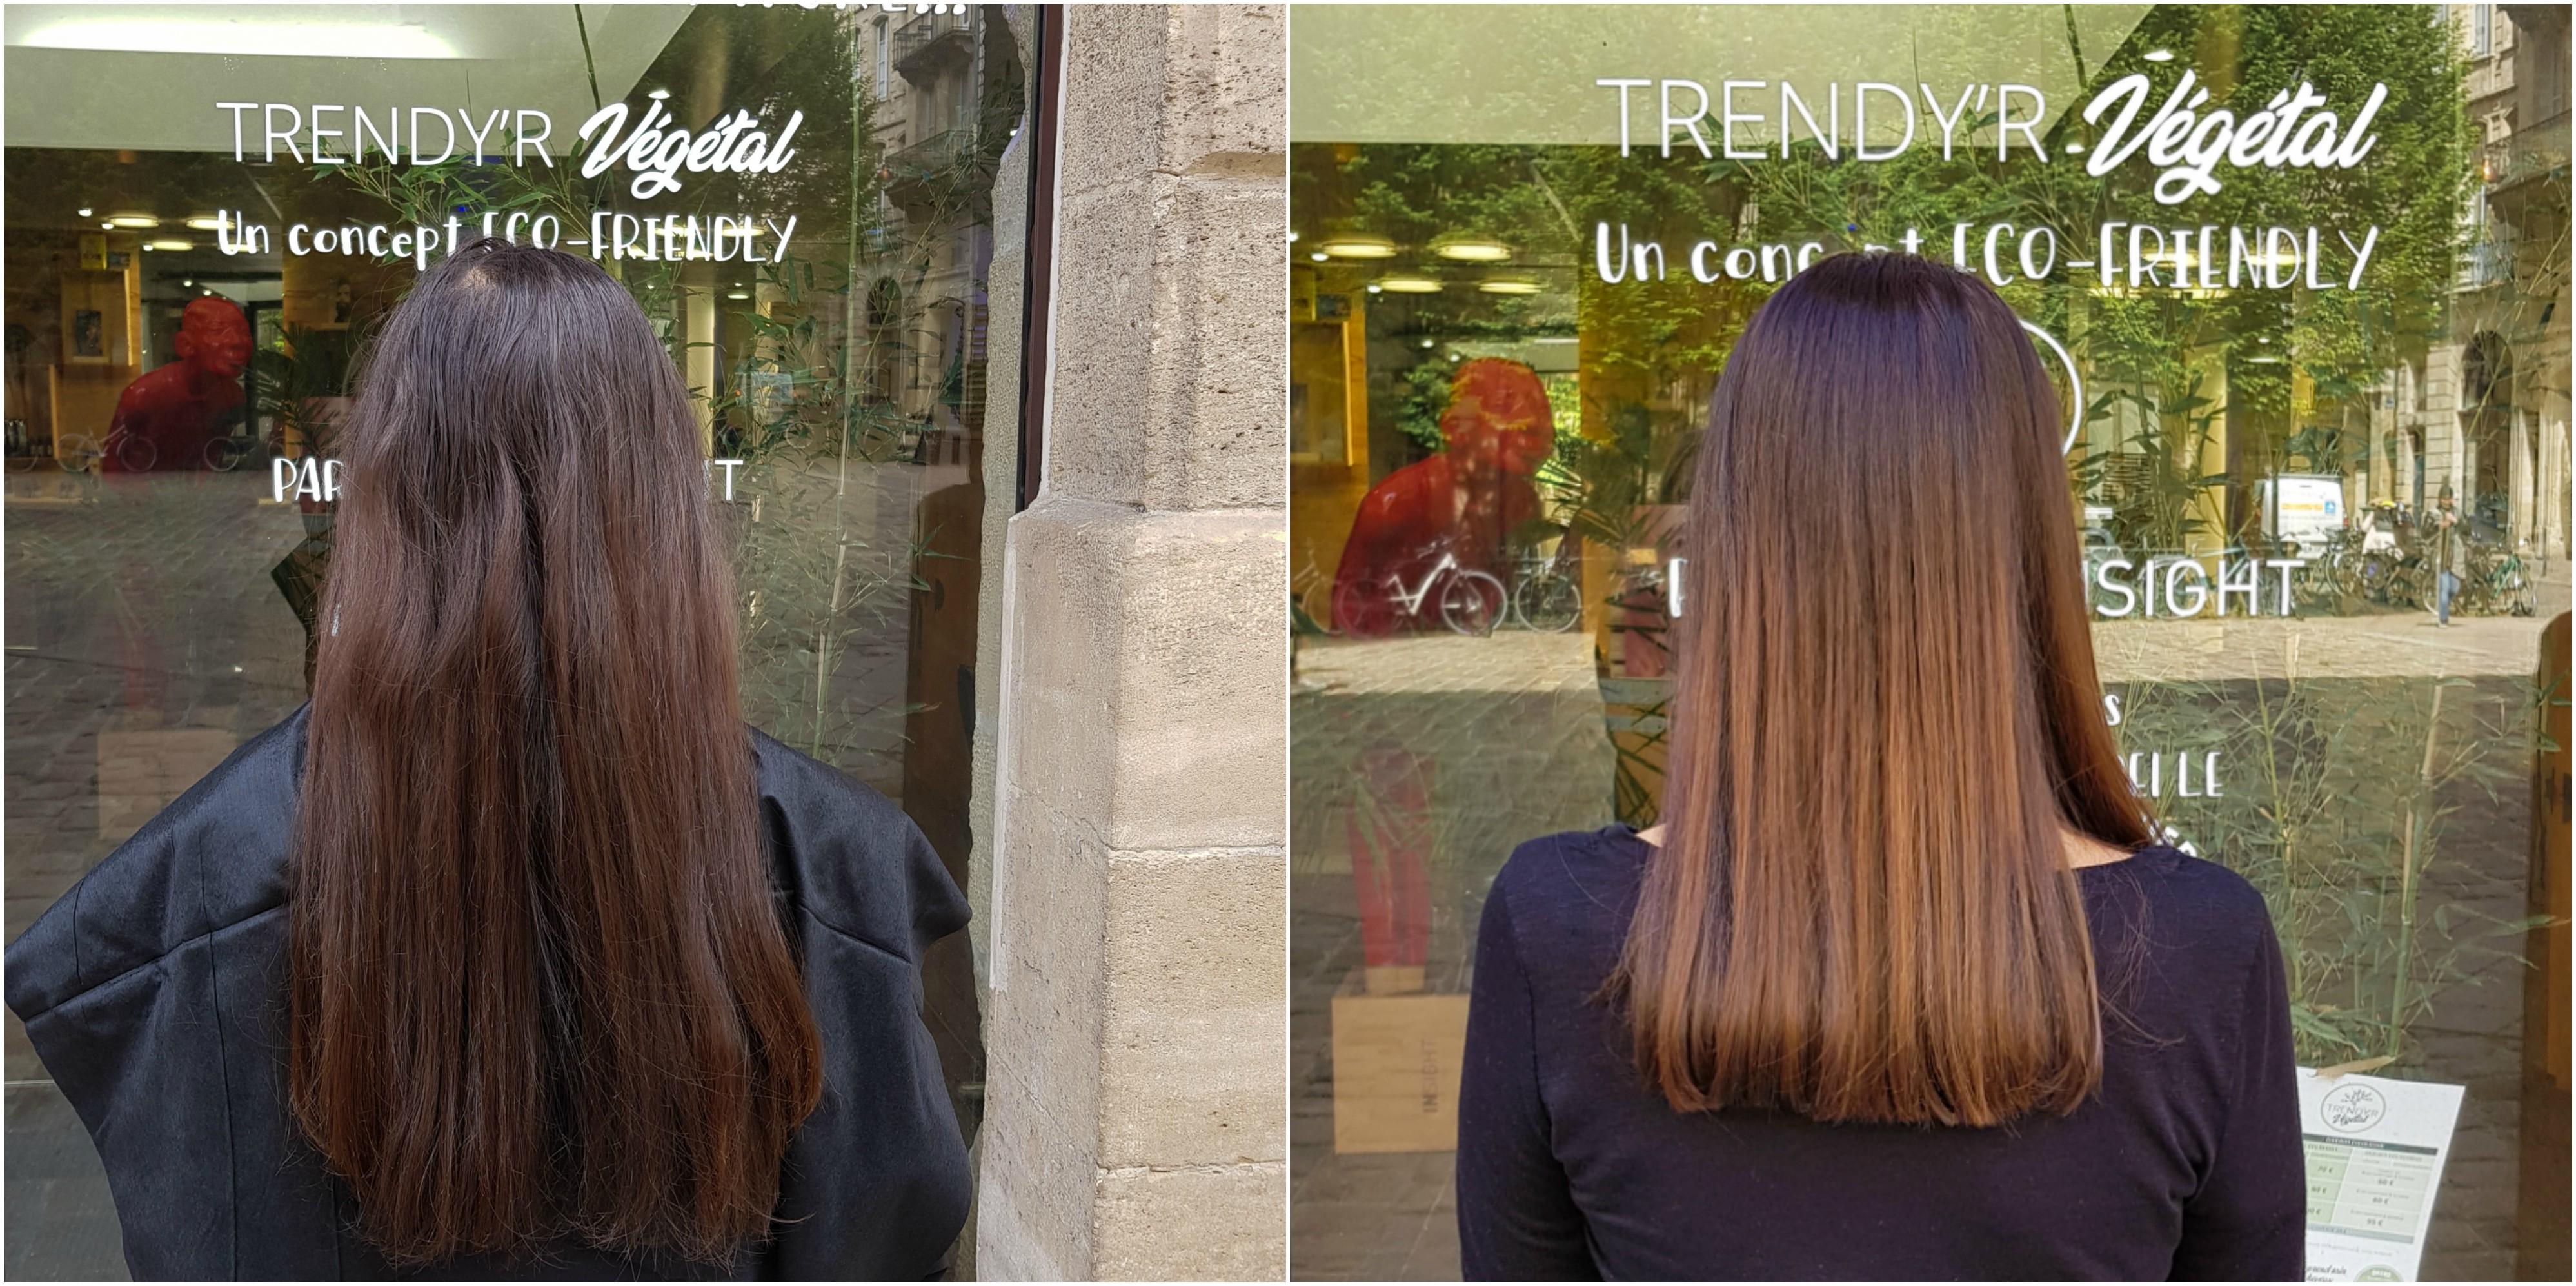 trendy-r-végétal-salon-de-coiffure-bordeaux-vegan